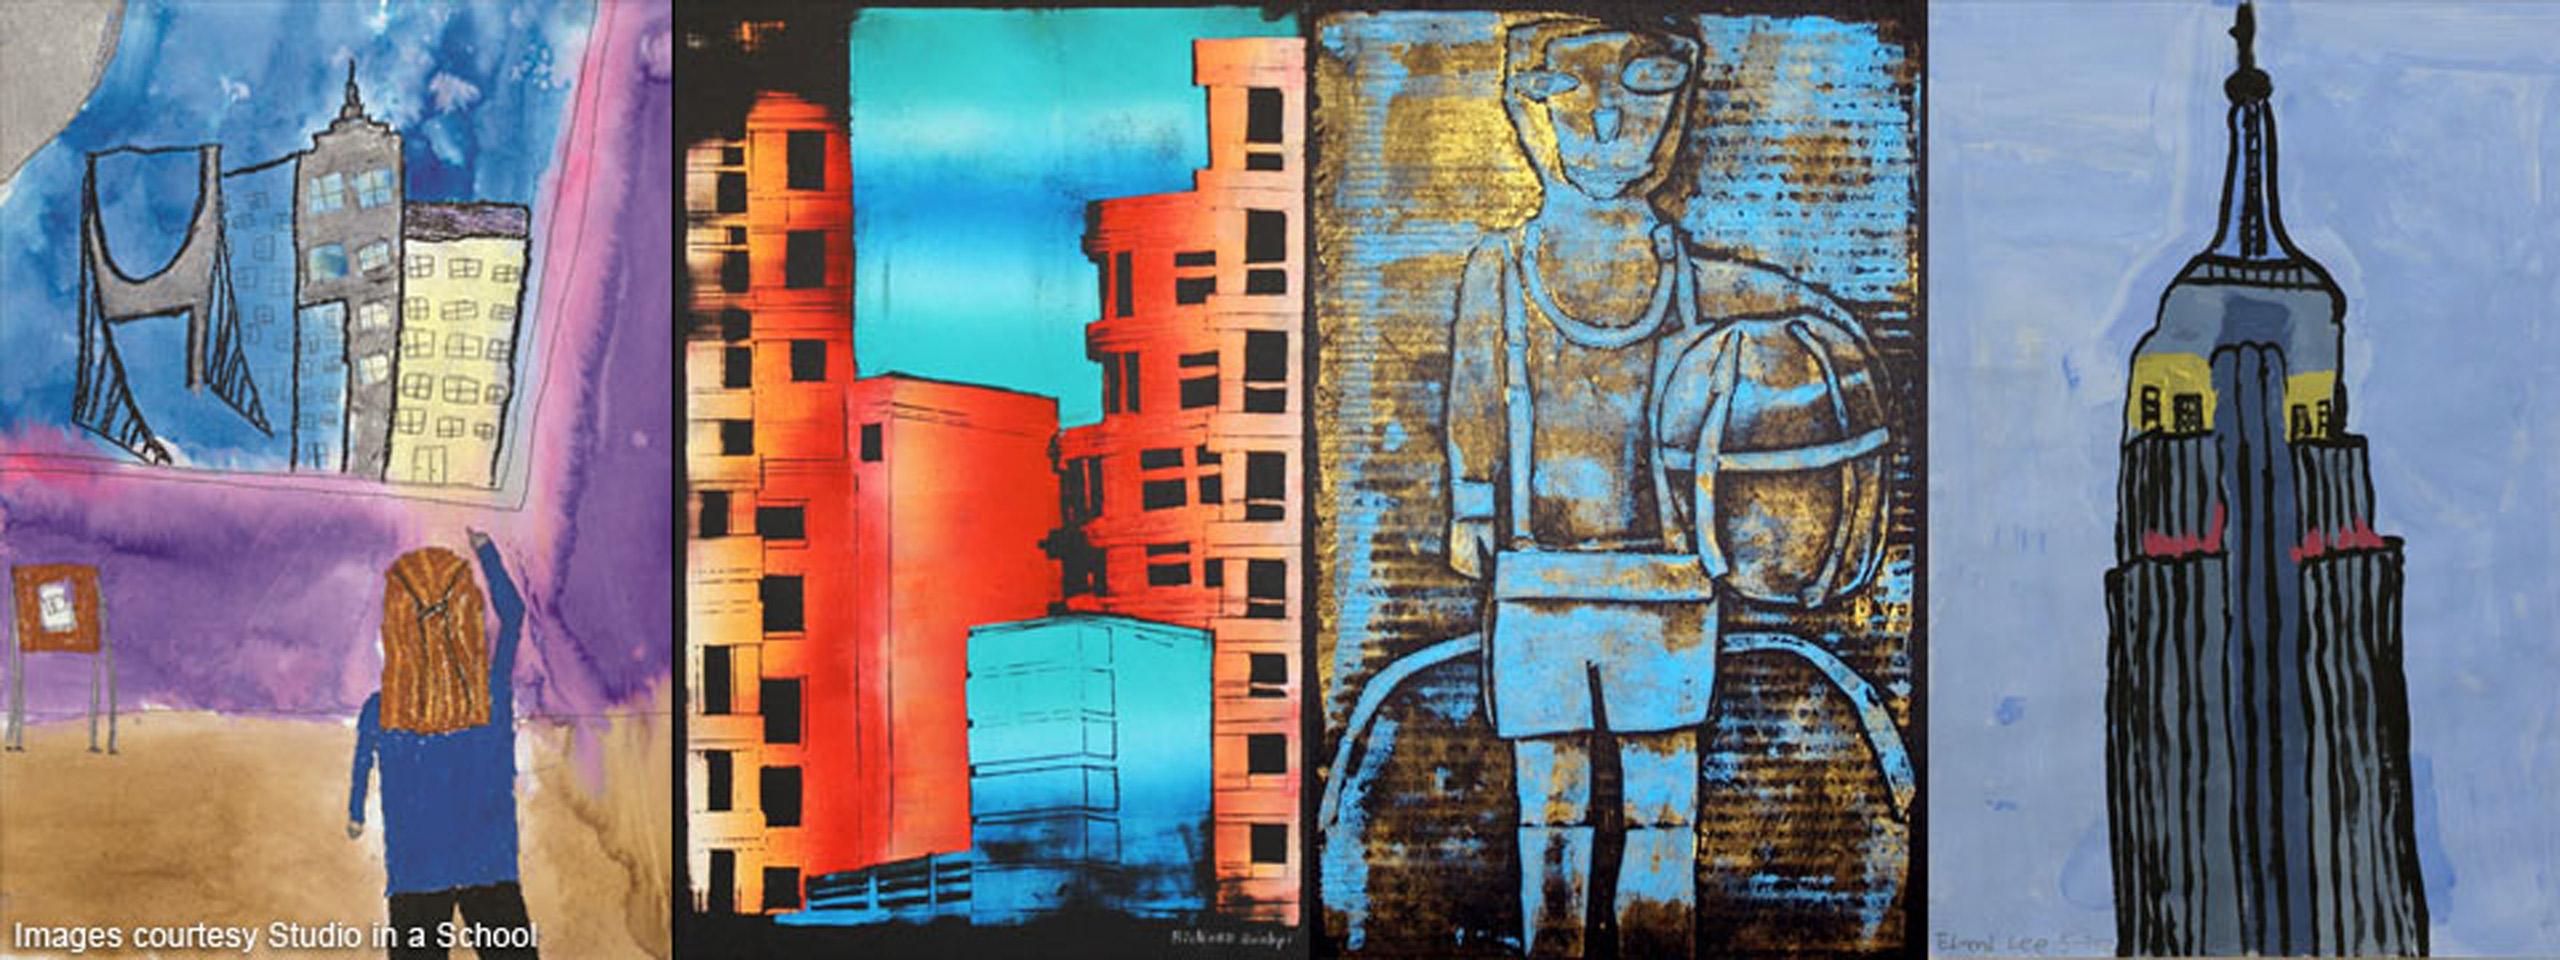 Cuatro pinturas hechas por estudiantes en Nueva York. Las pinturas son de hitos, edificios y vida cotidiana en la ciudad.